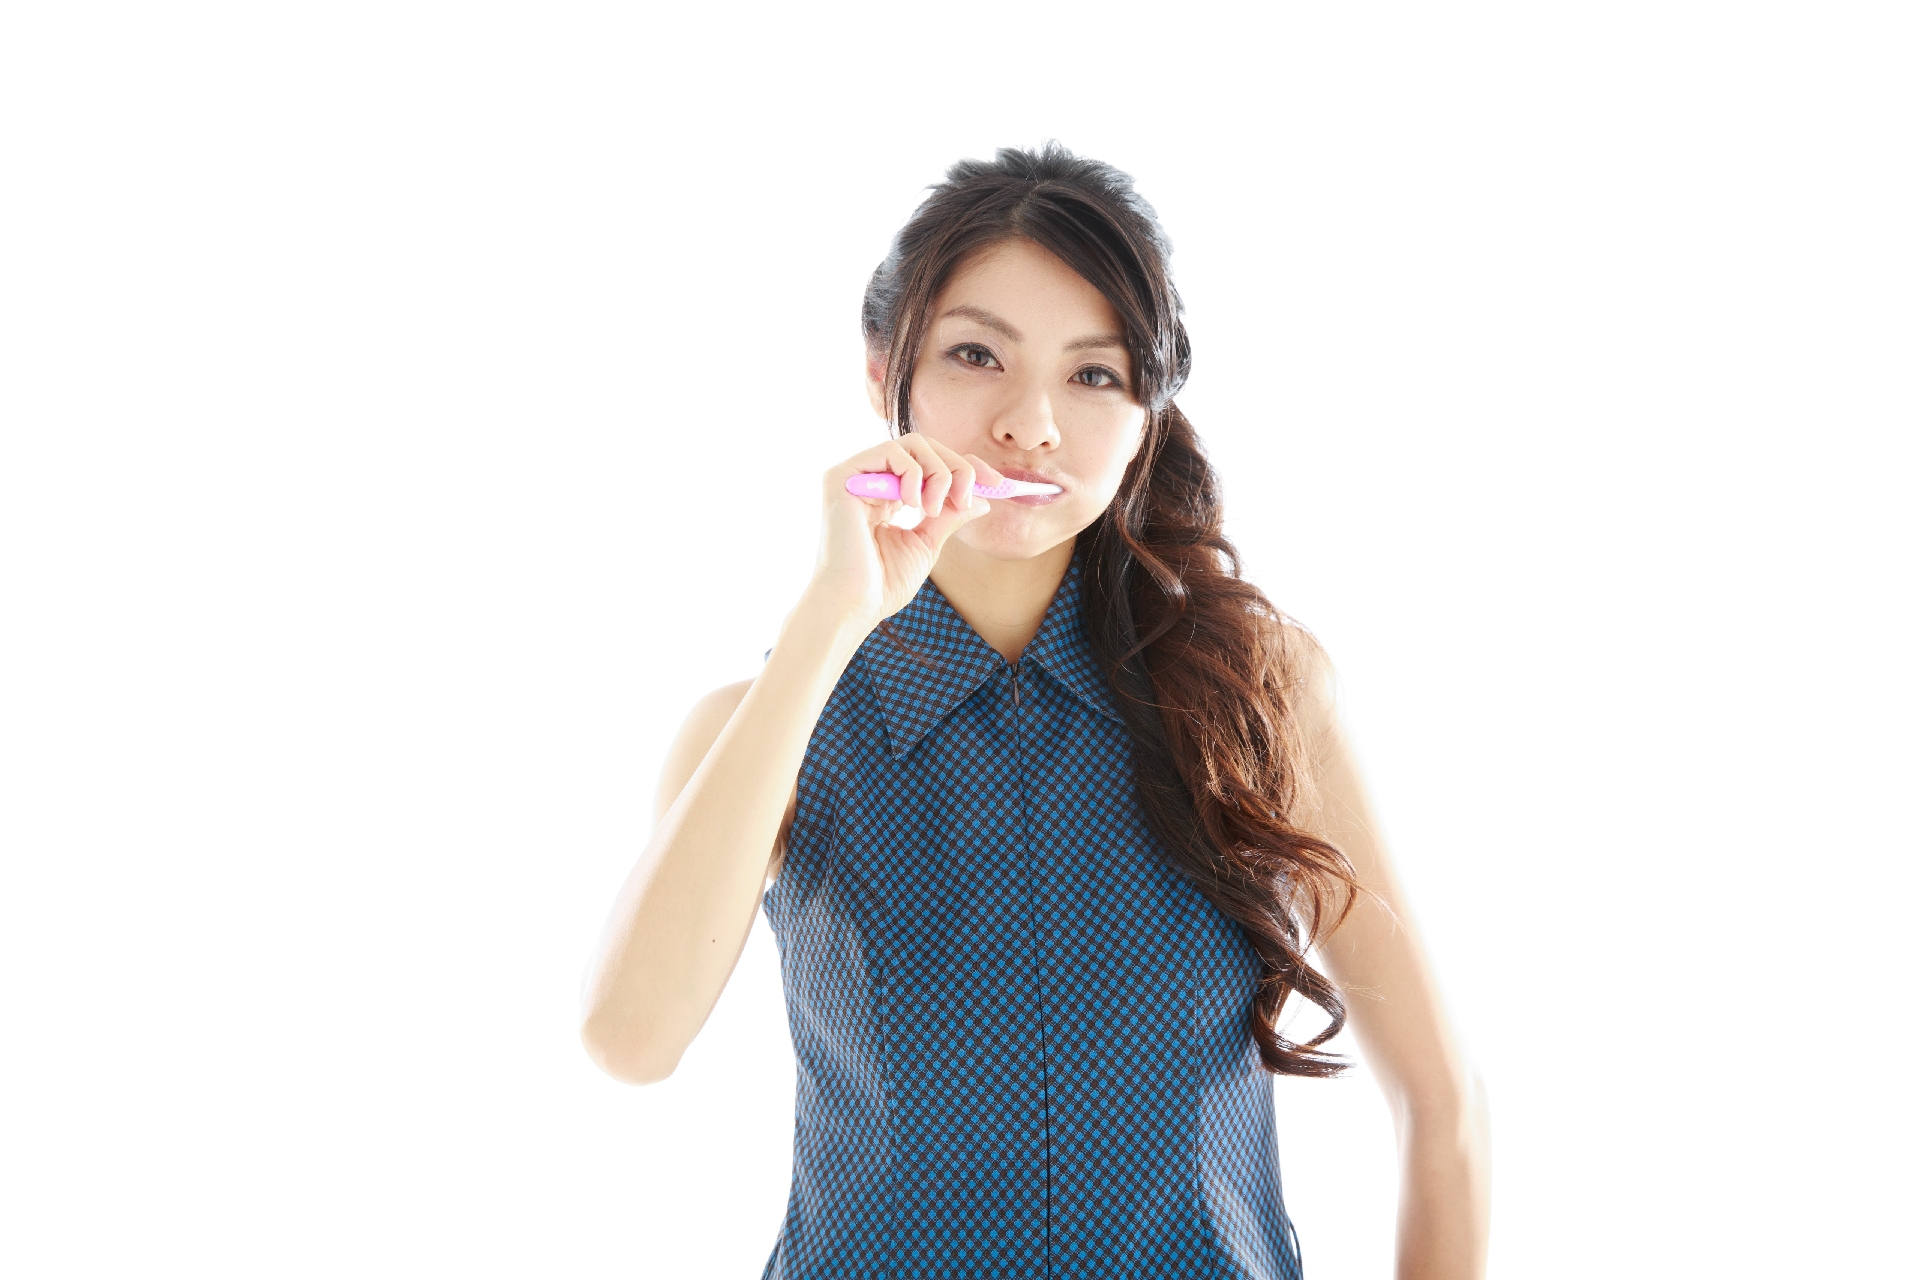 正しいオーラルケアで《接近戦》に強くなろう!  口臭の原因と対策を教えます!